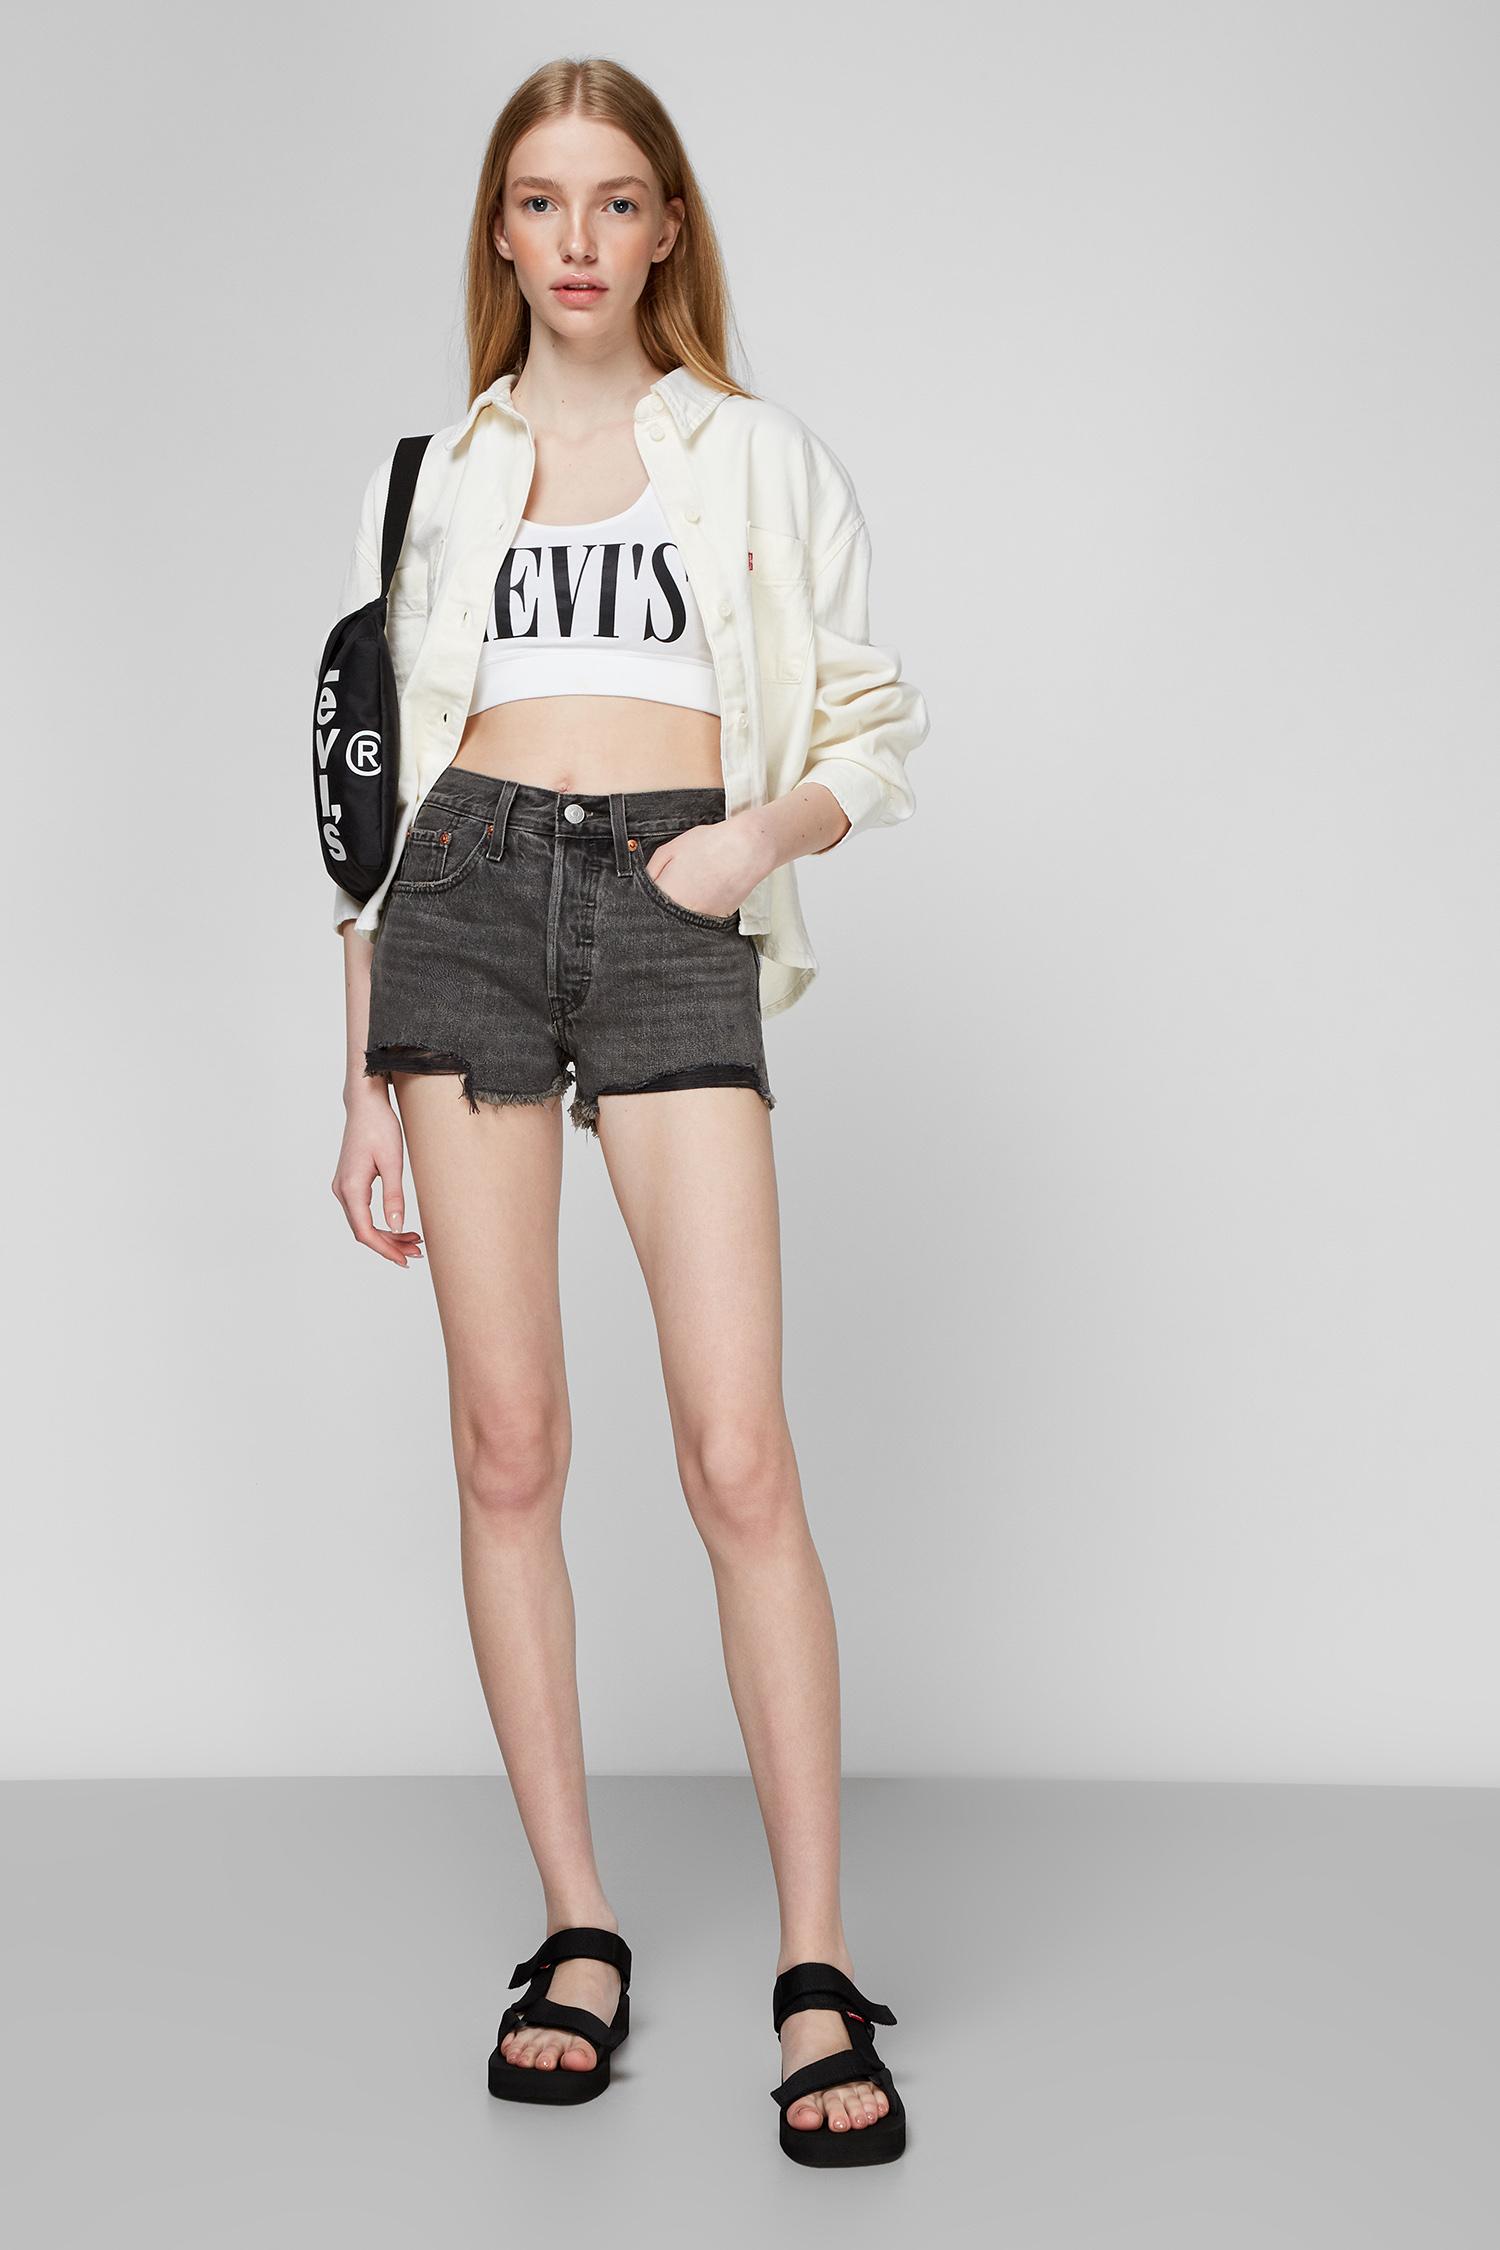 Сірі джинсові шорти 501 High Rise Taille Haute для дівчат Levis 56327;0070